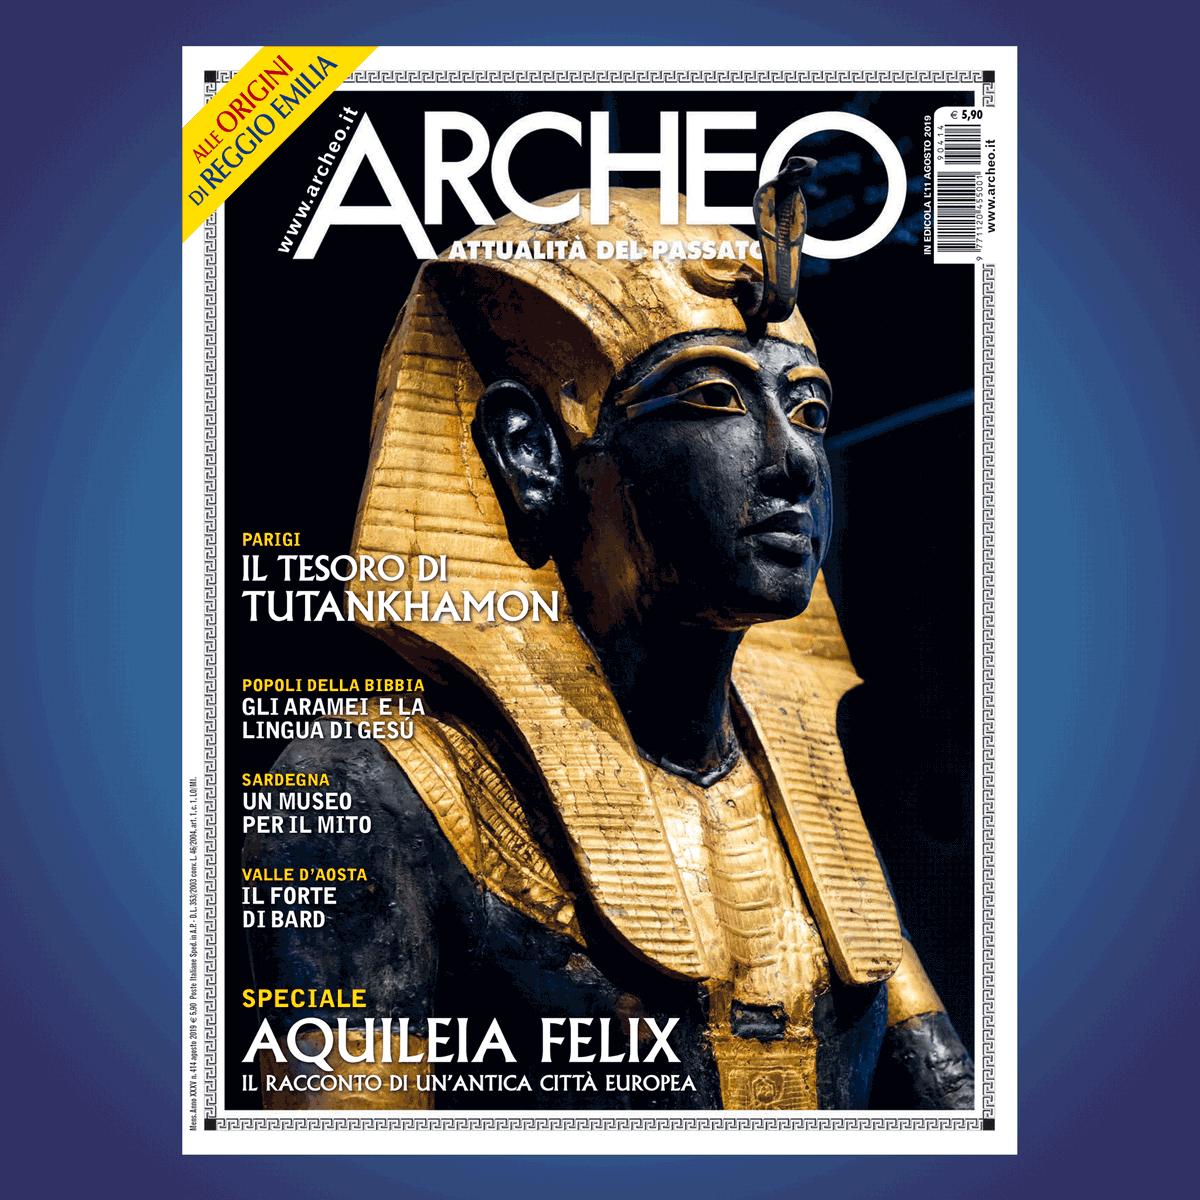 È IN EDICOLA «Archeo» n. 414, Agosto 2019! archeo.it • #archeologia #scavi #archeo #inedicola #agosto #Egitto #Tutankhamon #scultura #museo #Napoli #mostre #Frasassi #Bibbia #Aramei #Colosseo #Costantinopoli #FortediBard #Sorgono #ReggioEmilia #MagnificiRitorni